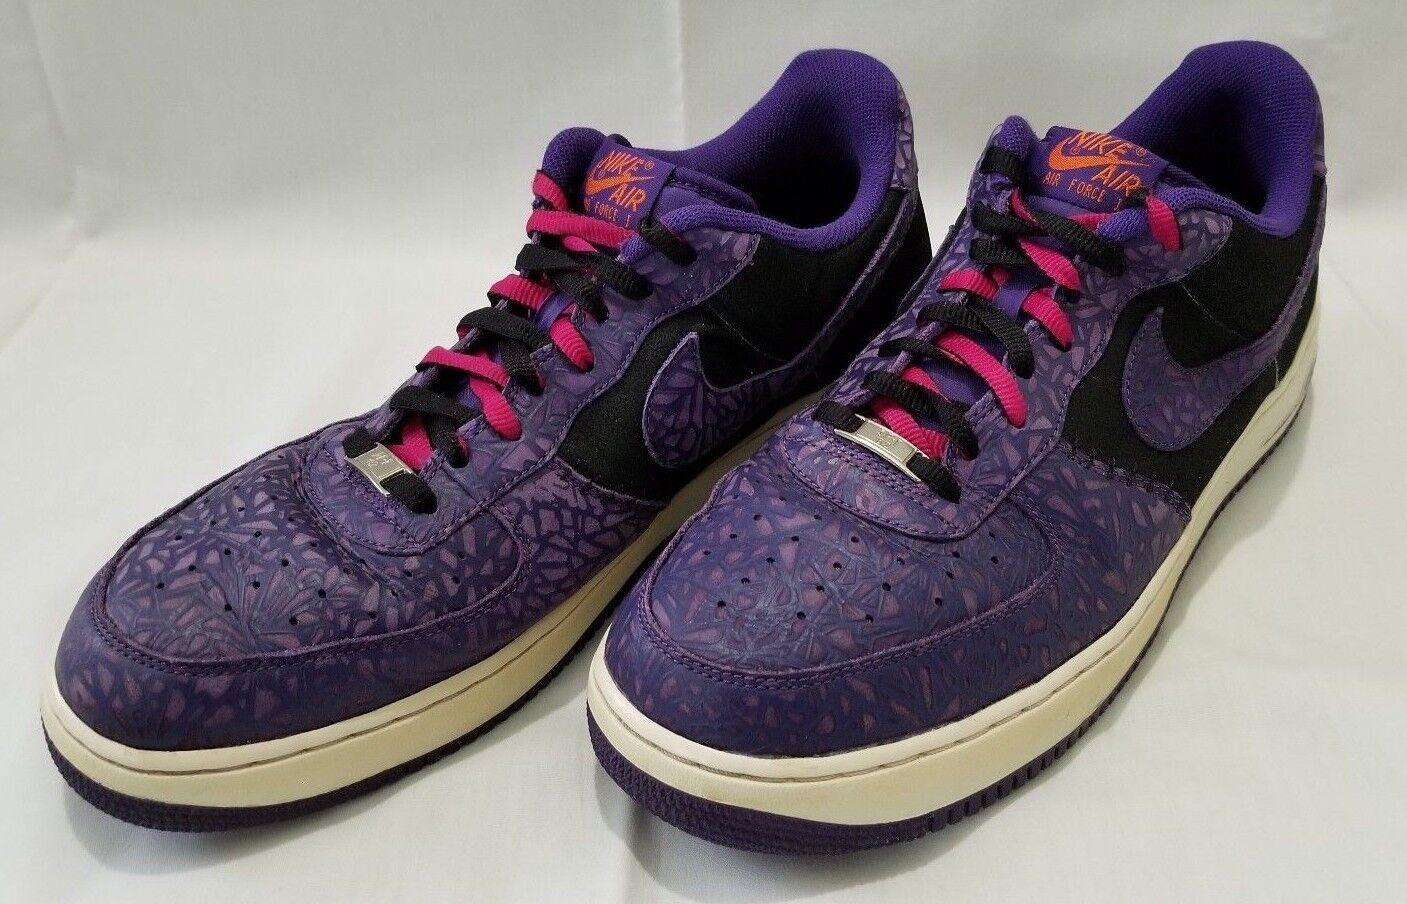 Hombre sz 14 Tribunal purpura Air negro 2018 Nike Air purpura Force 1 temporada sneakers de cuero 488298-025 despacho venta e89142